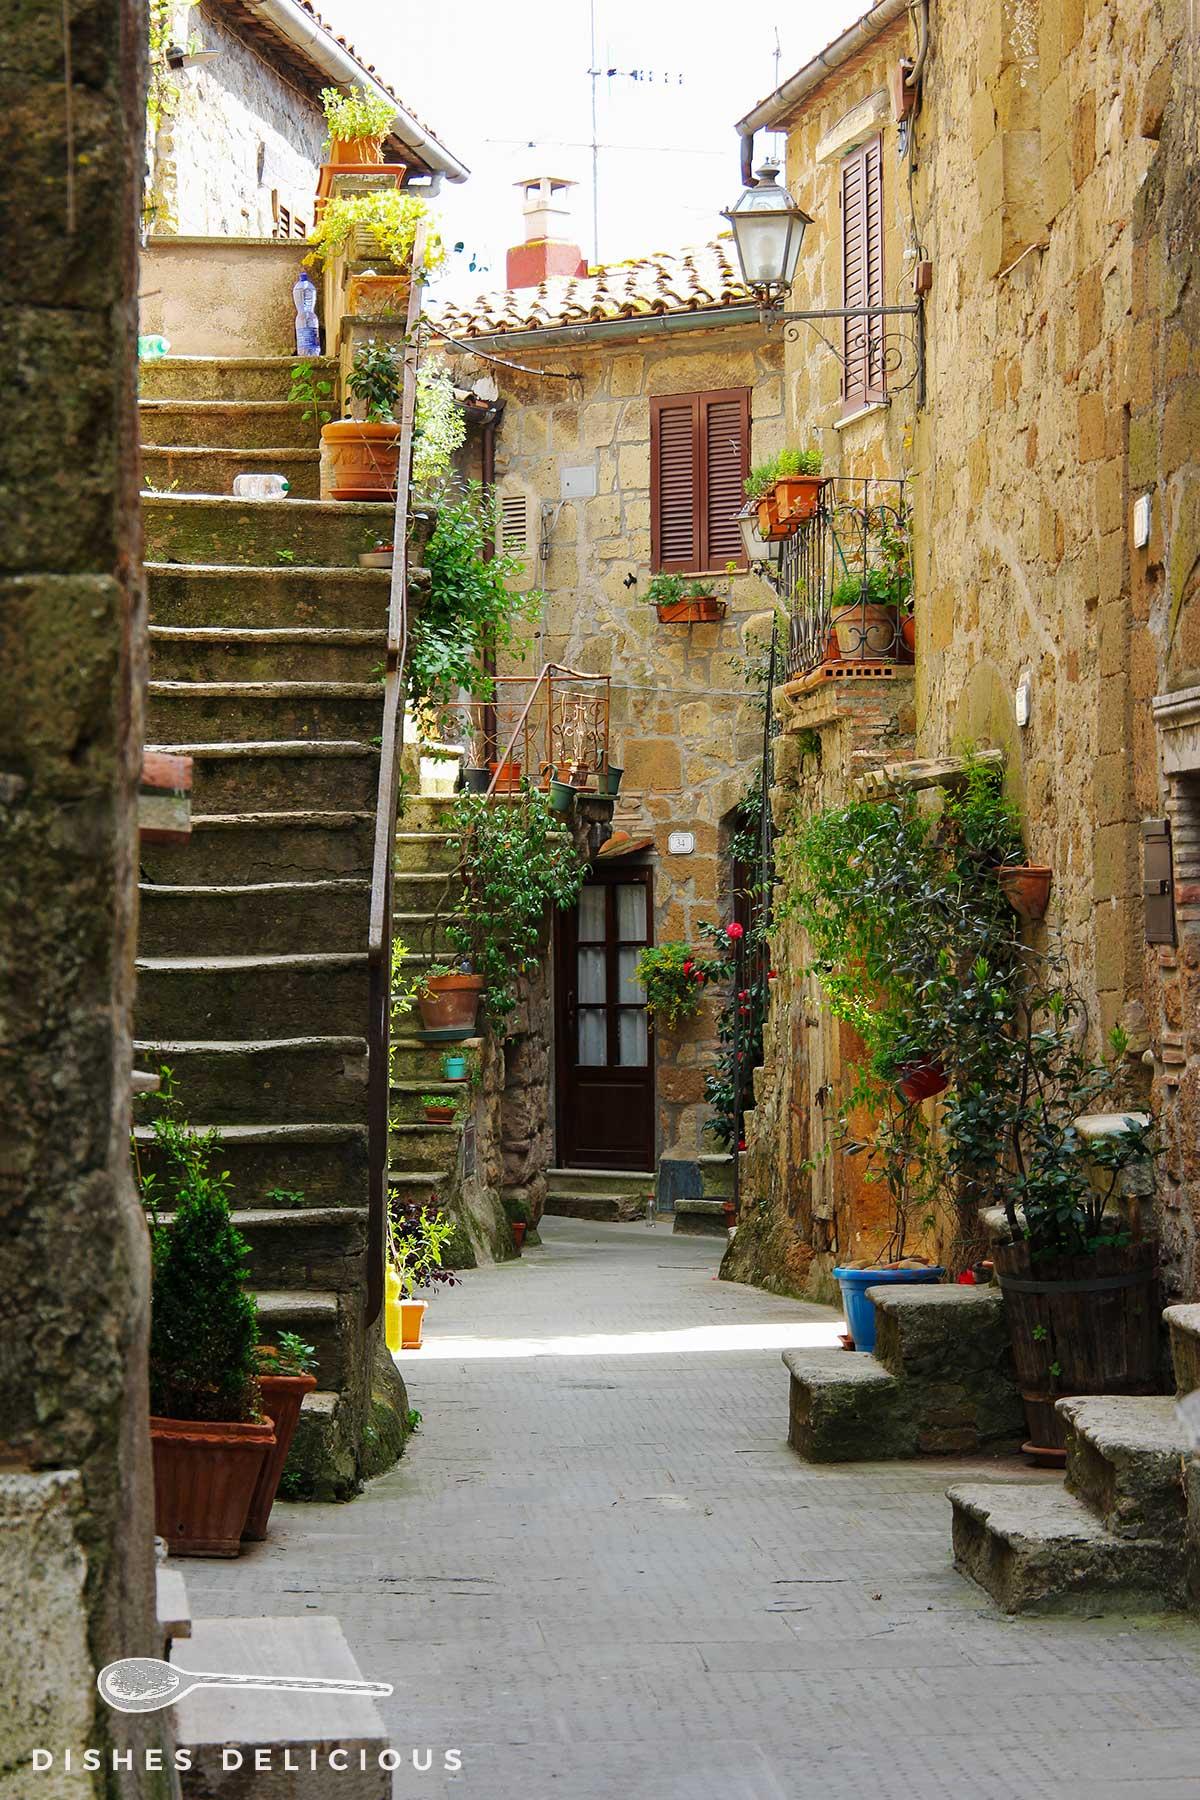 Foto einer mit Pflanzen geschmückten Gasse in Pitigliano. Eine Treppe führt zu einem Hauseingang.